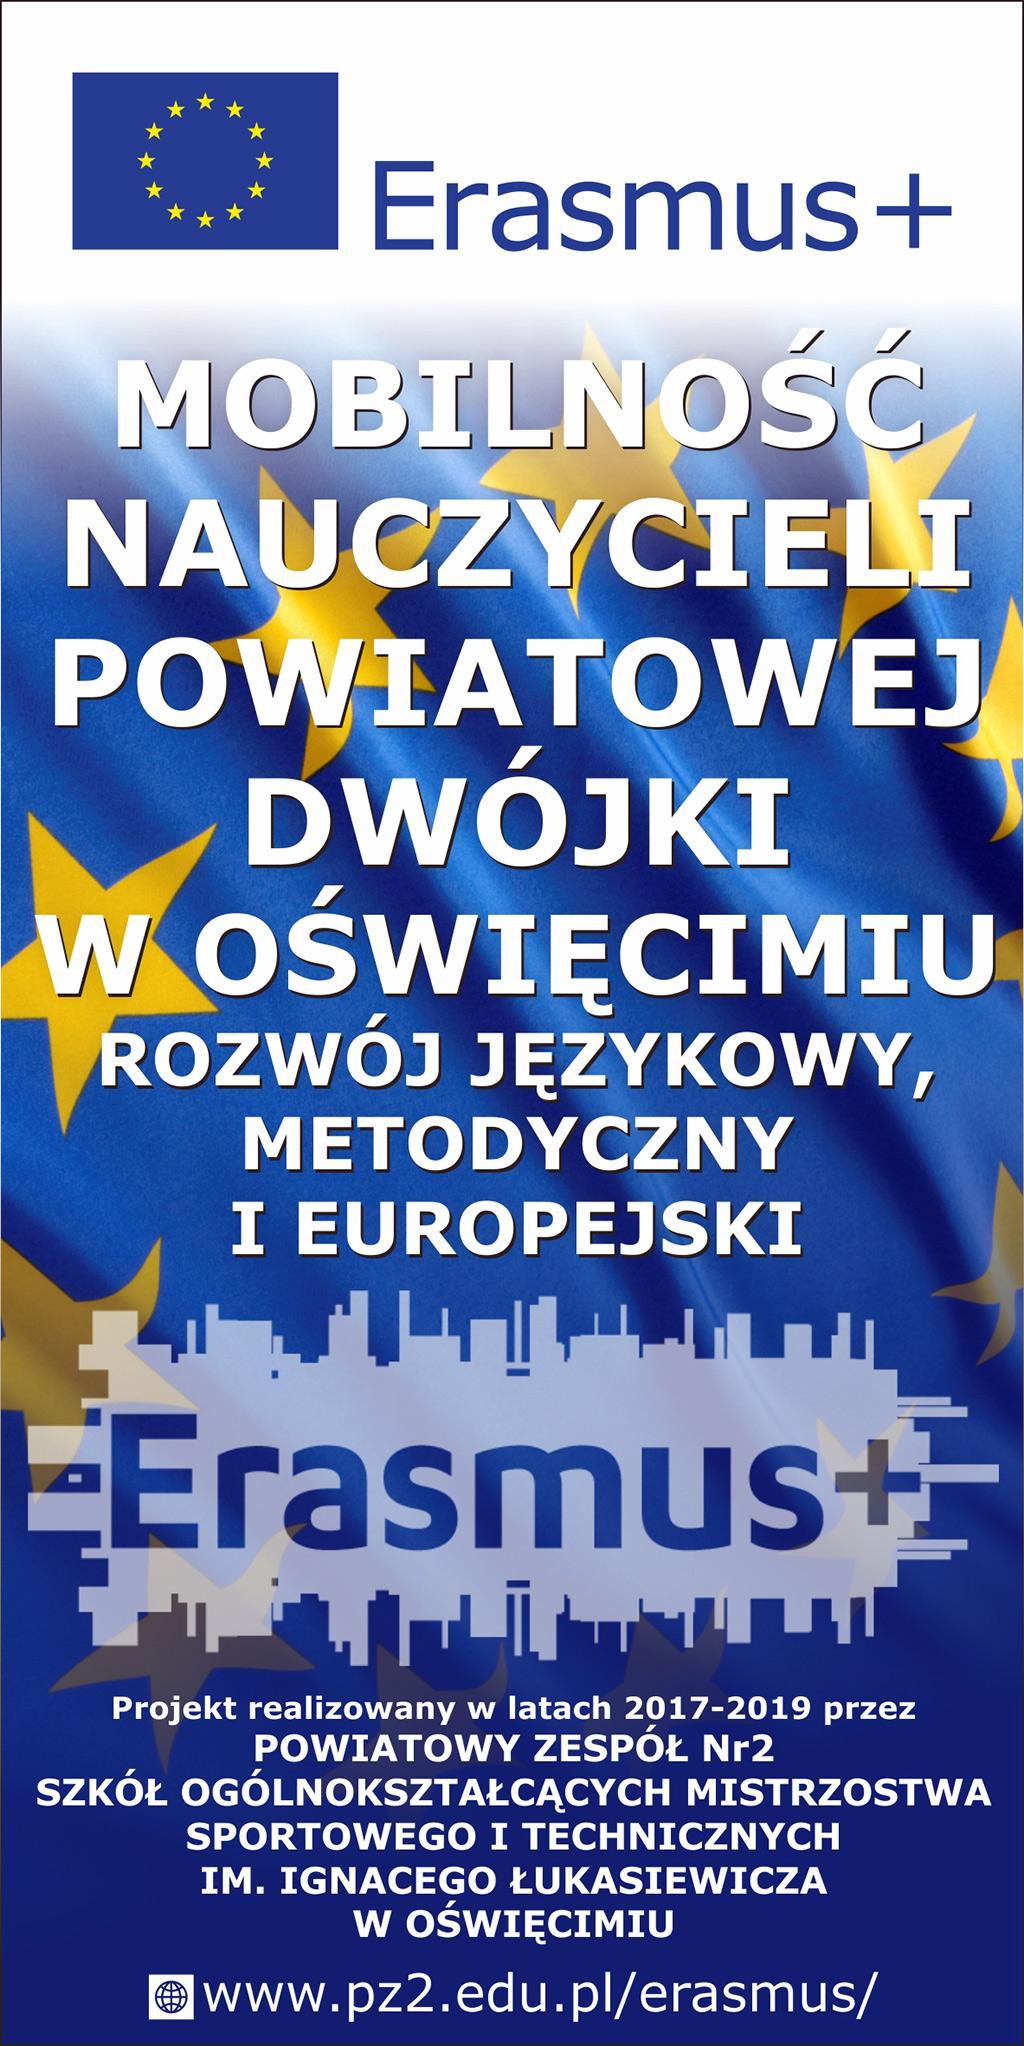 Nauczyciele powiatowej Dwójki w Programie Erasmus